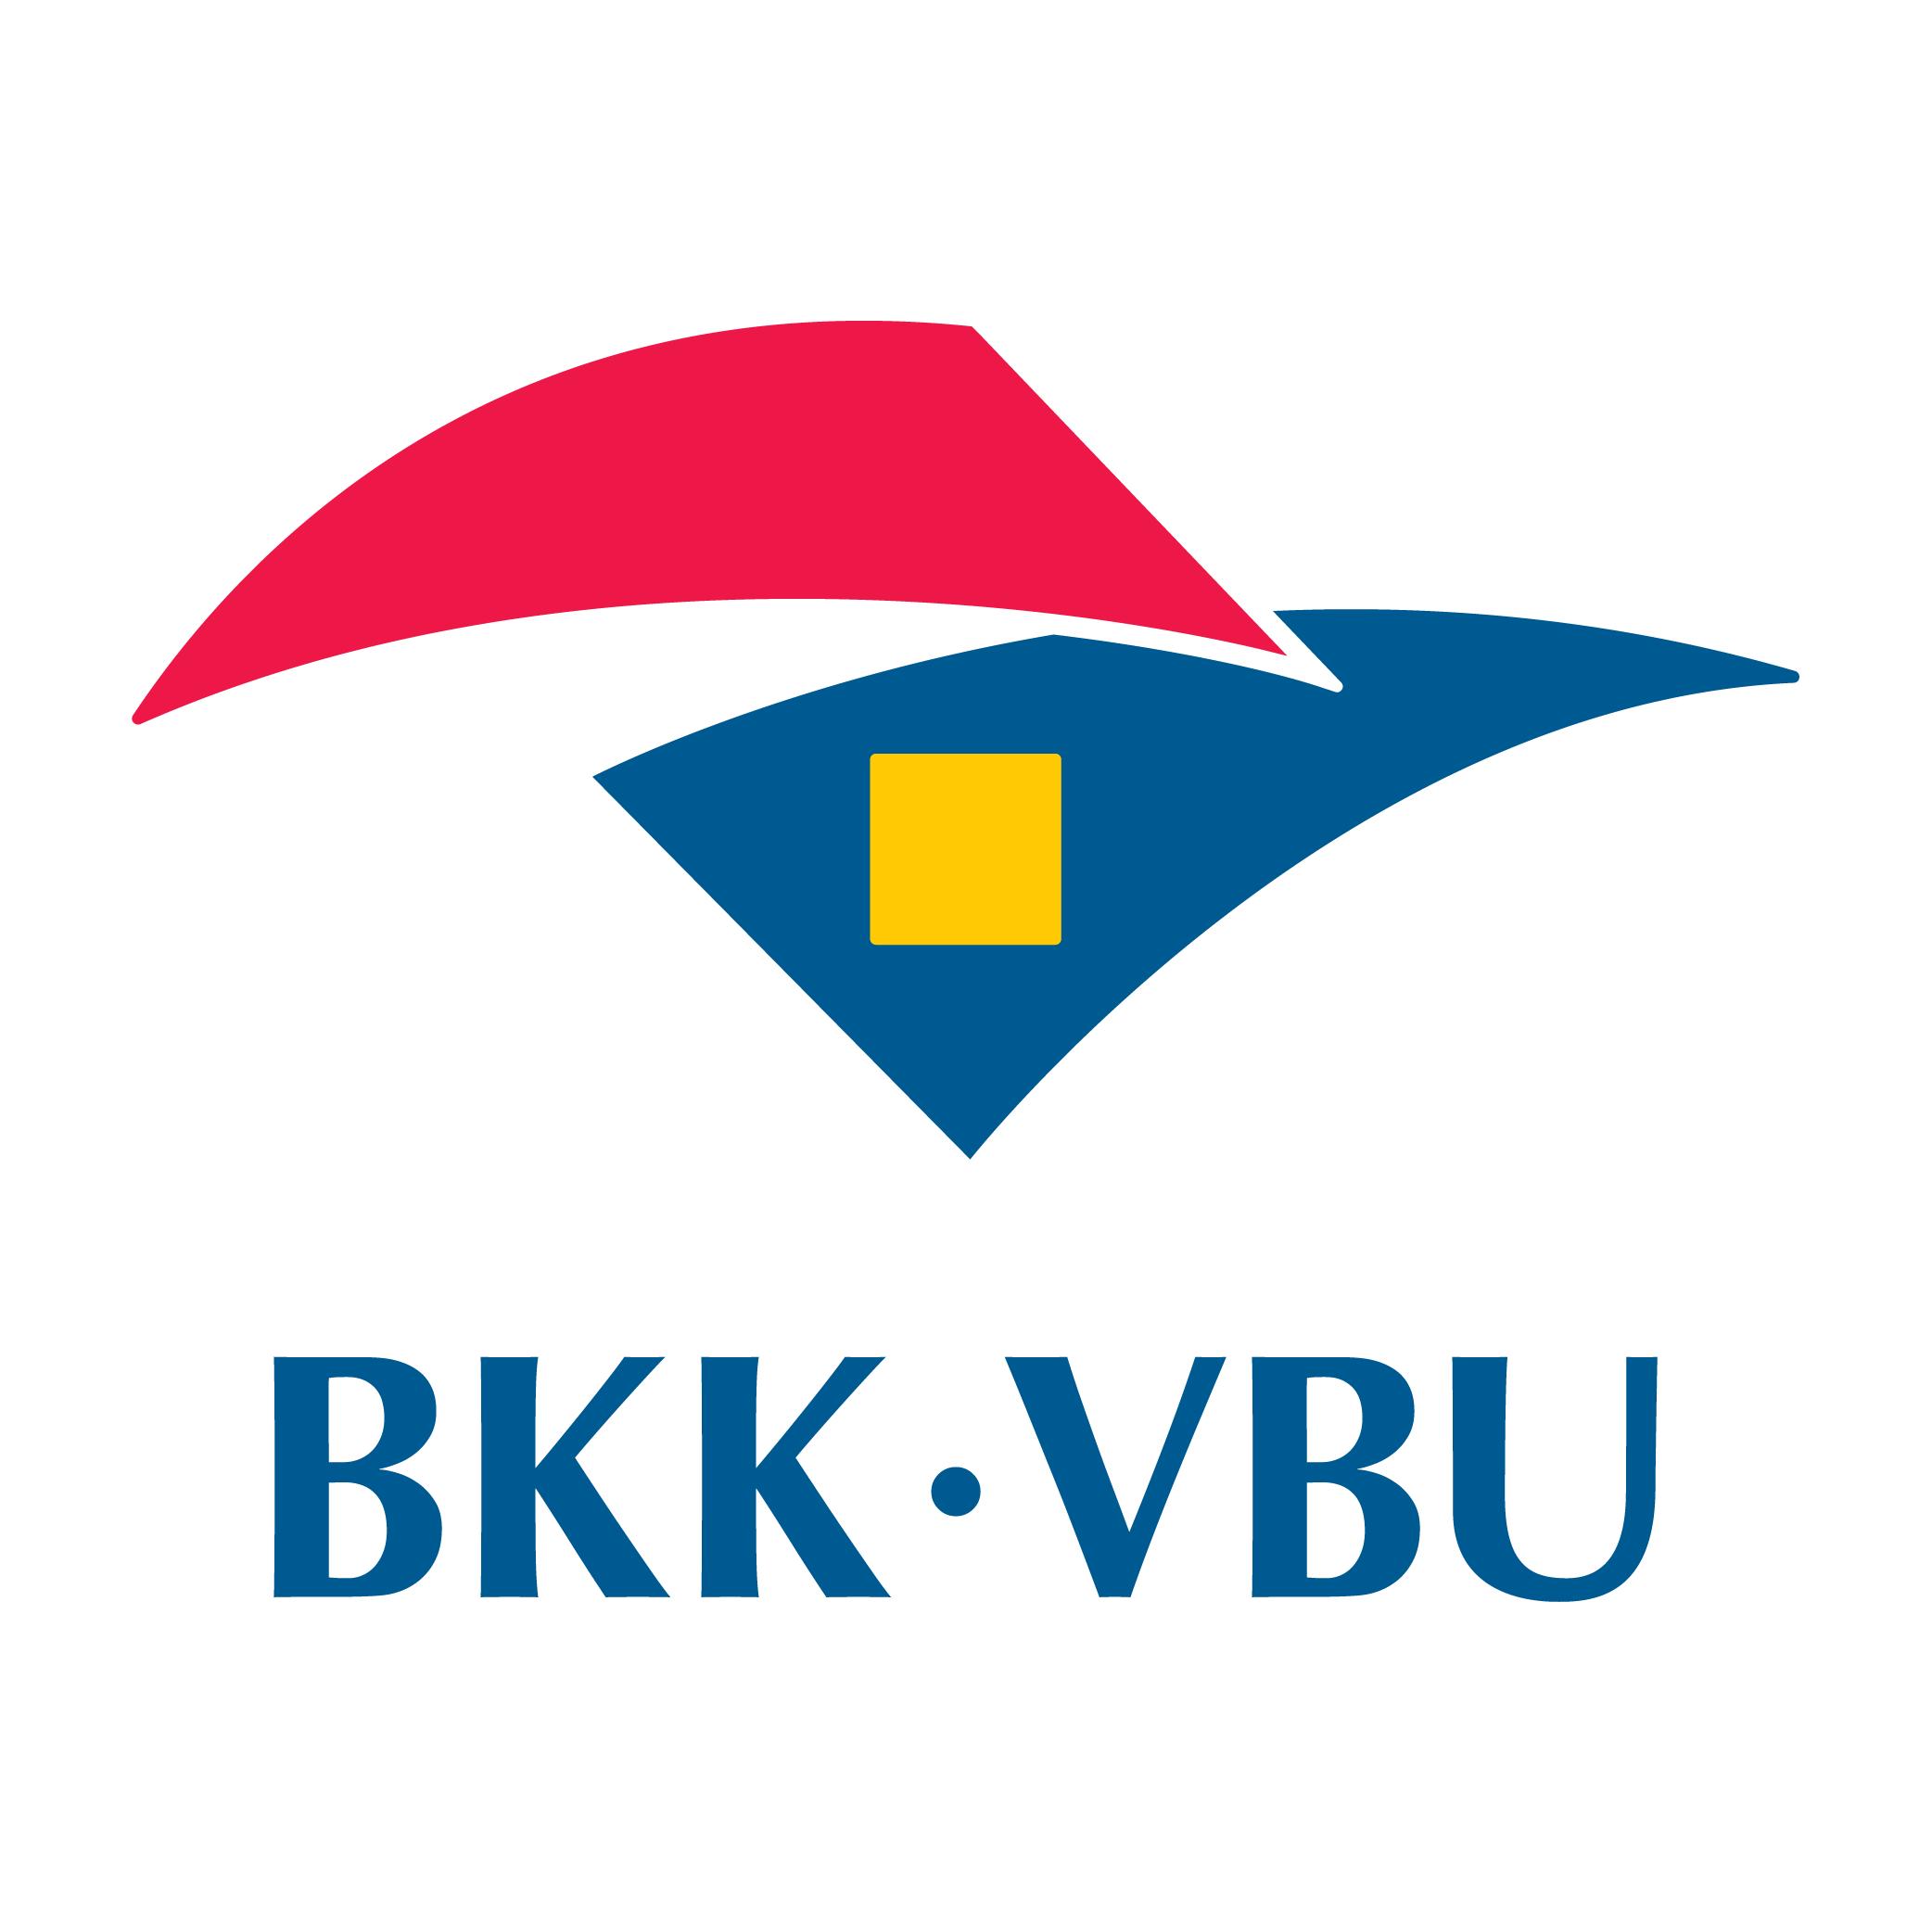 Markenzeichen der BKK Verkehrsbau Union (VBU)